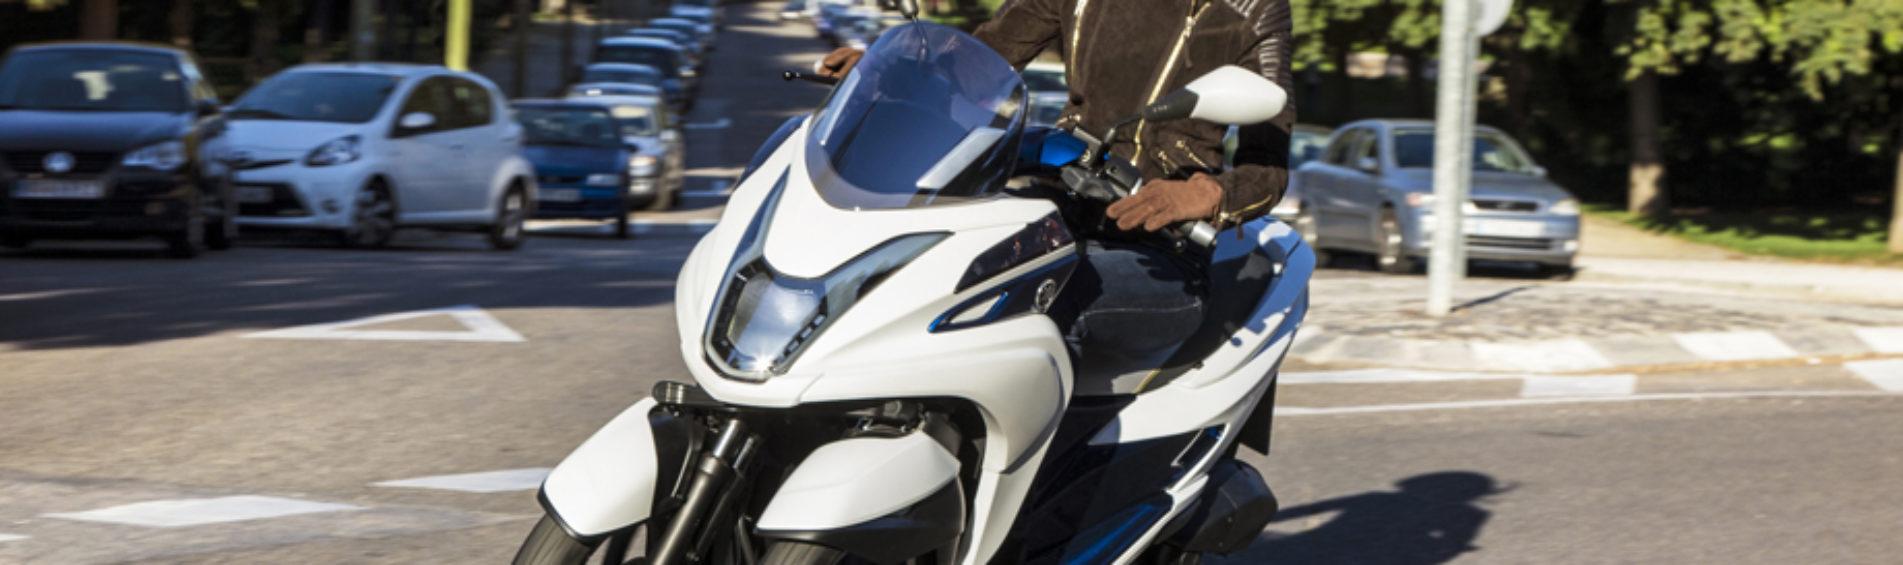 Les femmes urbaines optent de plus en plus pour le scooter